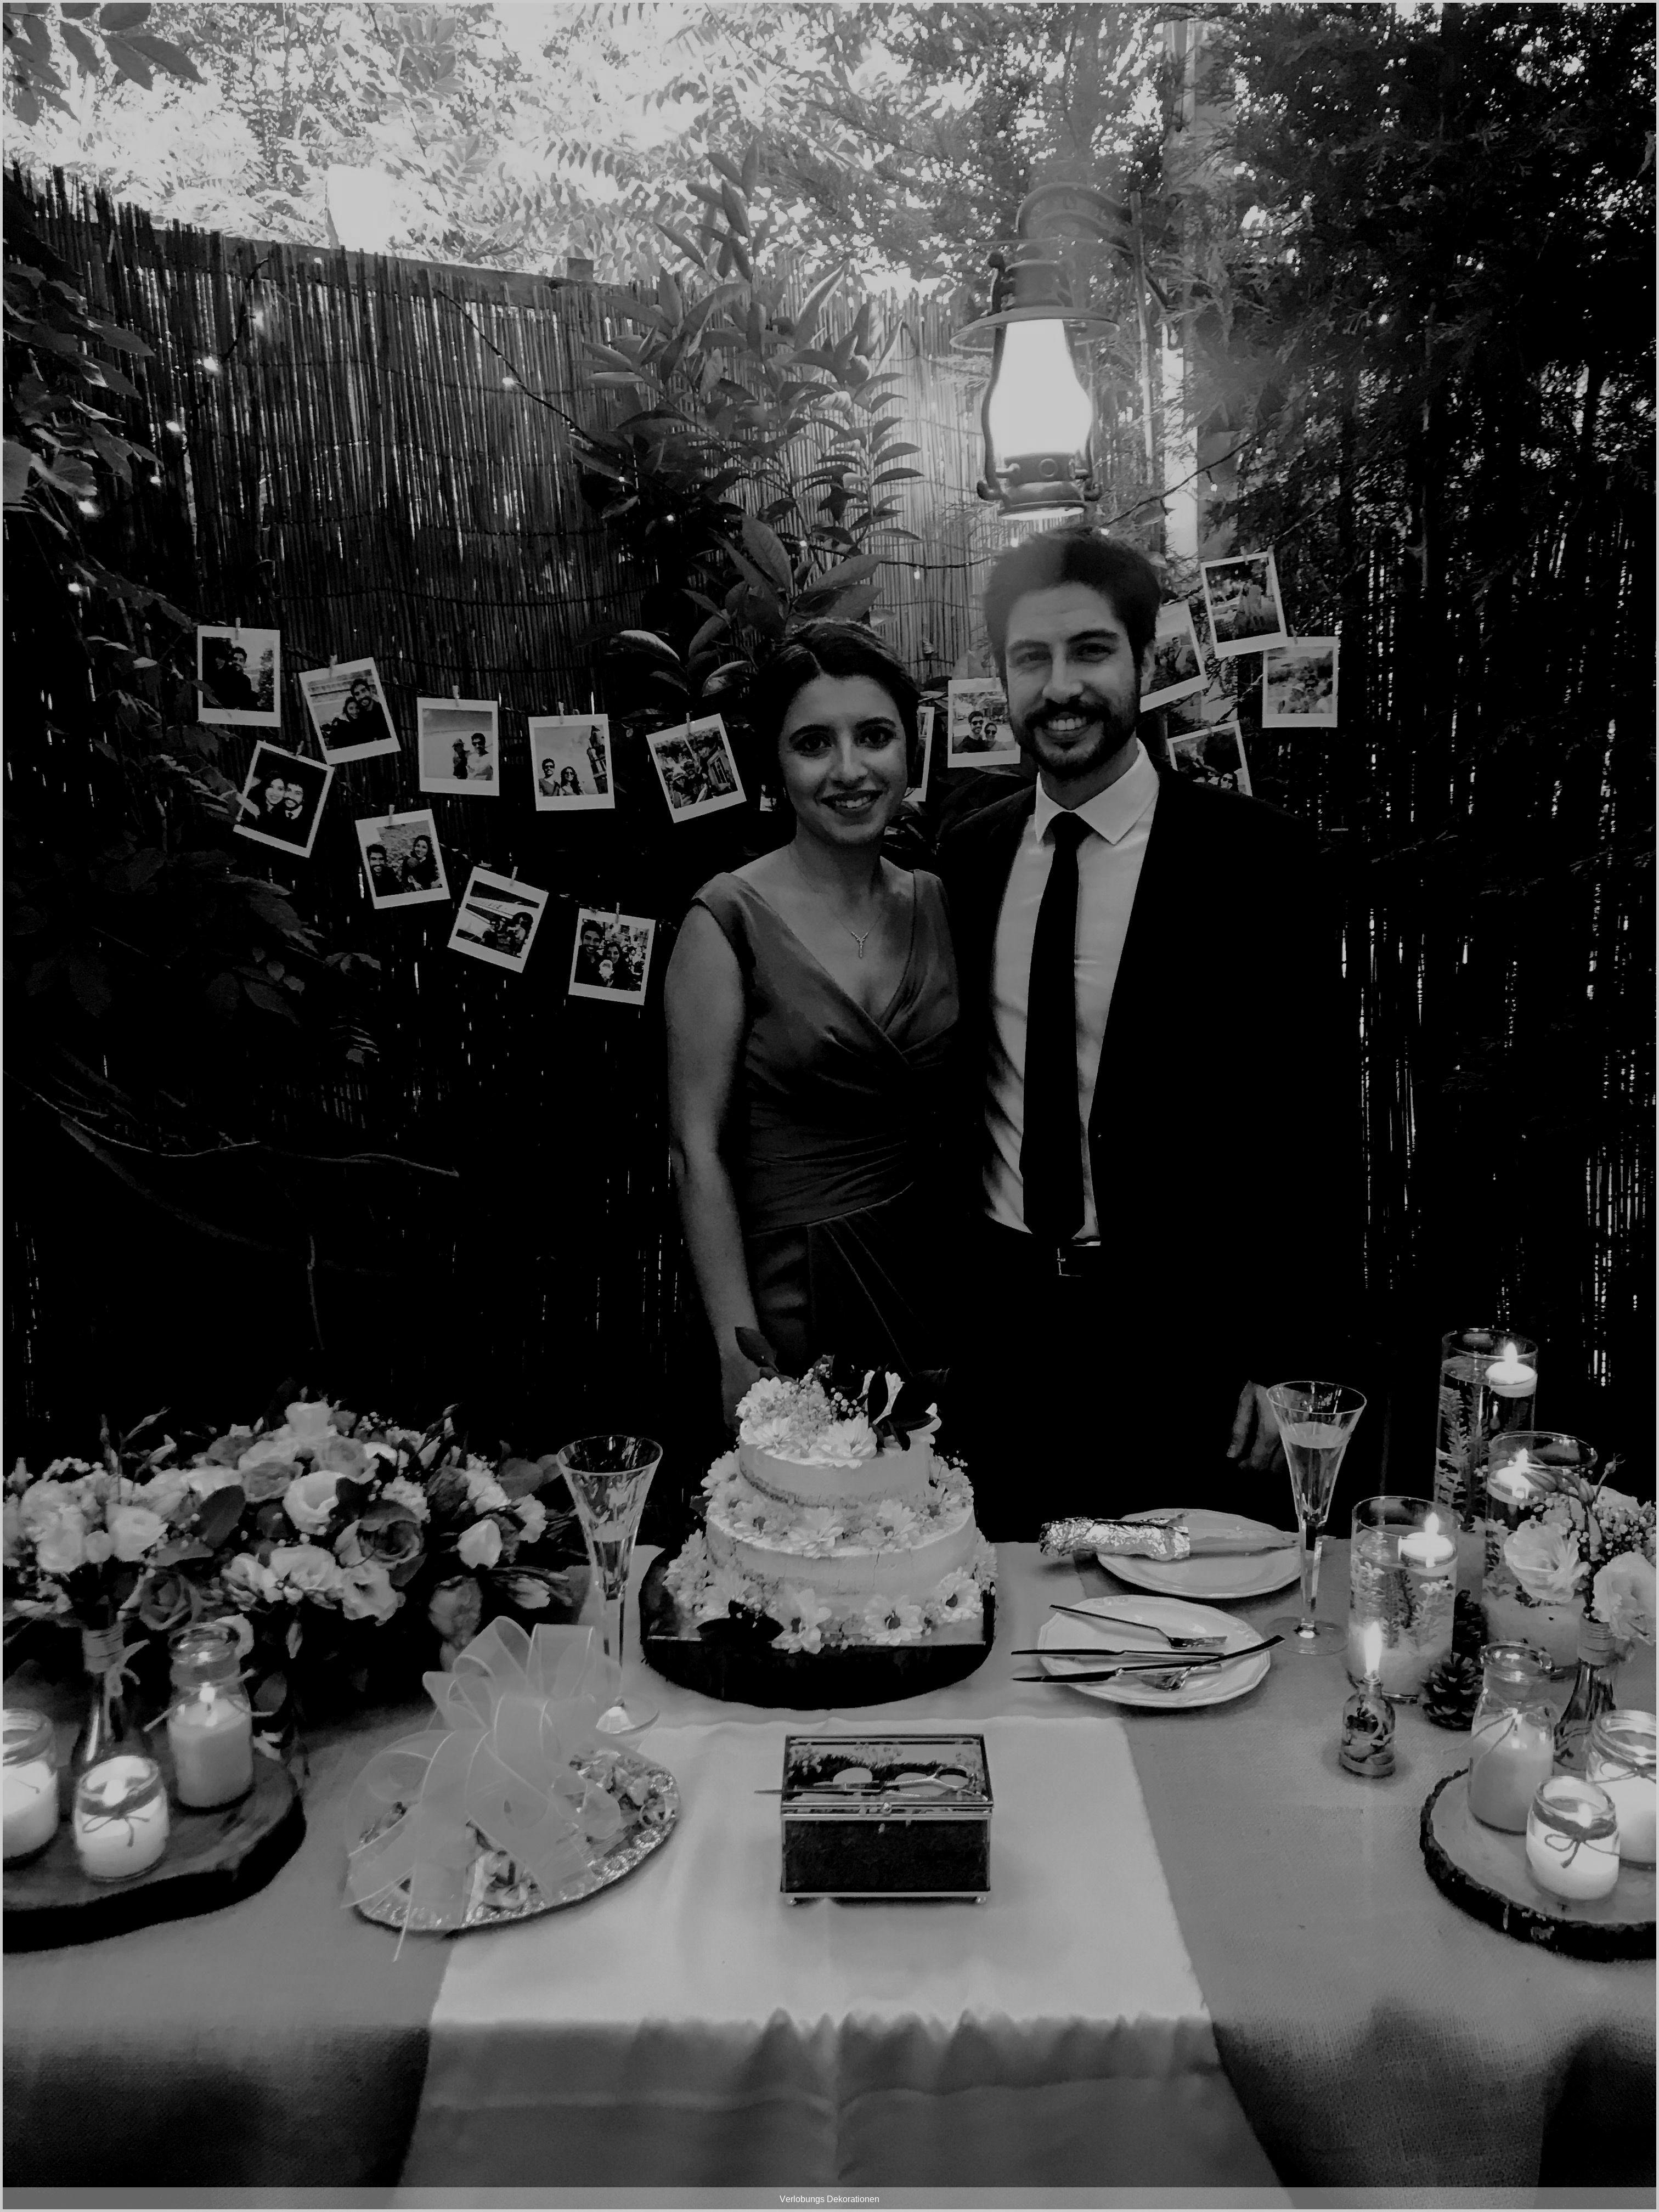 #verlobungsdekorationen - #engagement #engaged #rusticdecor  #vintage #nakedcake #tablesetting #weddingideas #candles #ring #celebration #nişan #organization